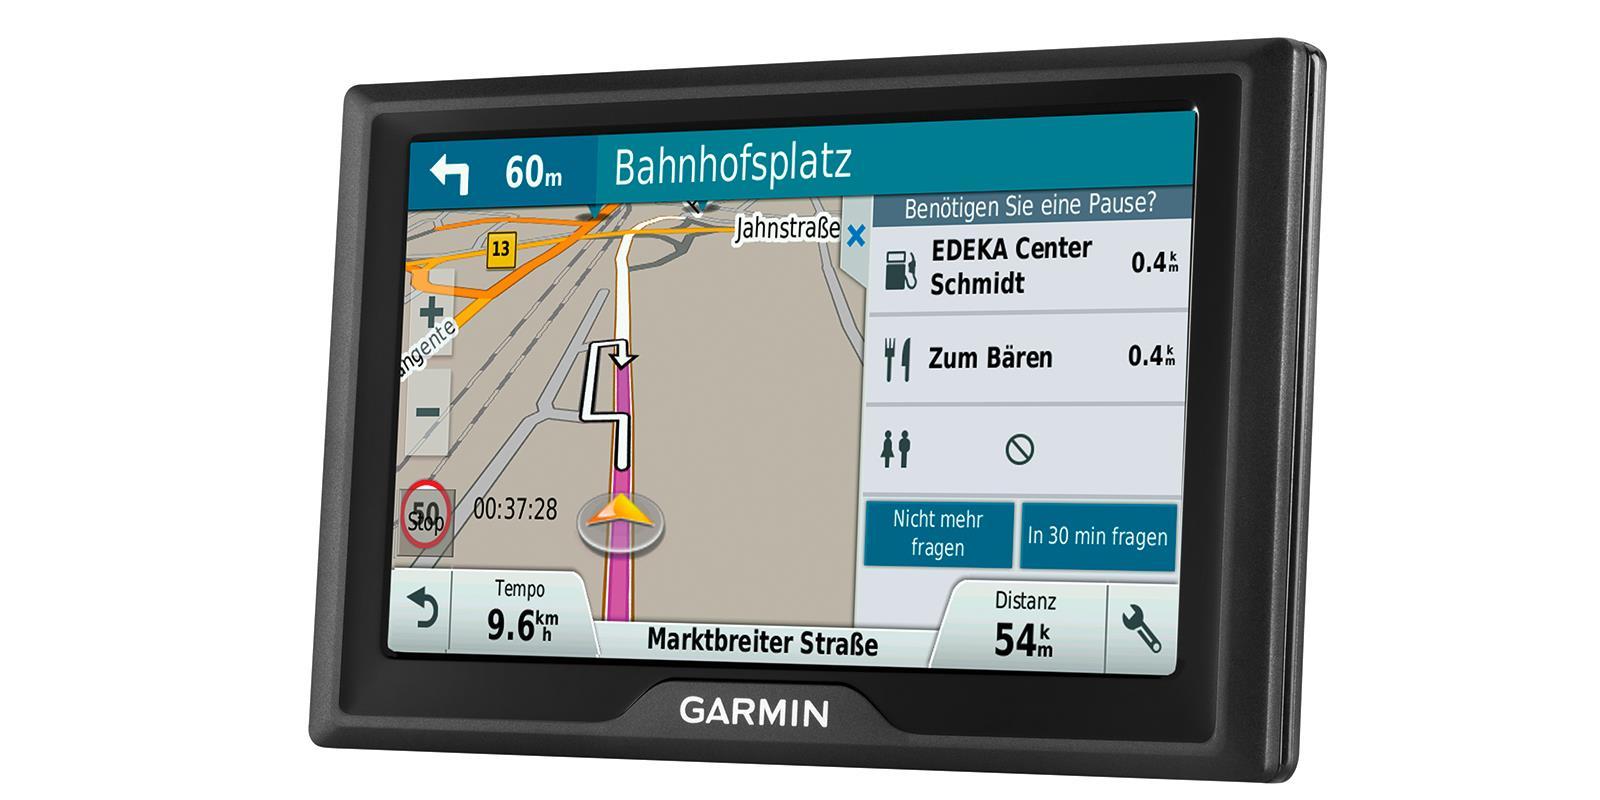 ORIGINAL Accu ® Chargeur voiture pour Navigon 40 Plus système de navigation de navigation